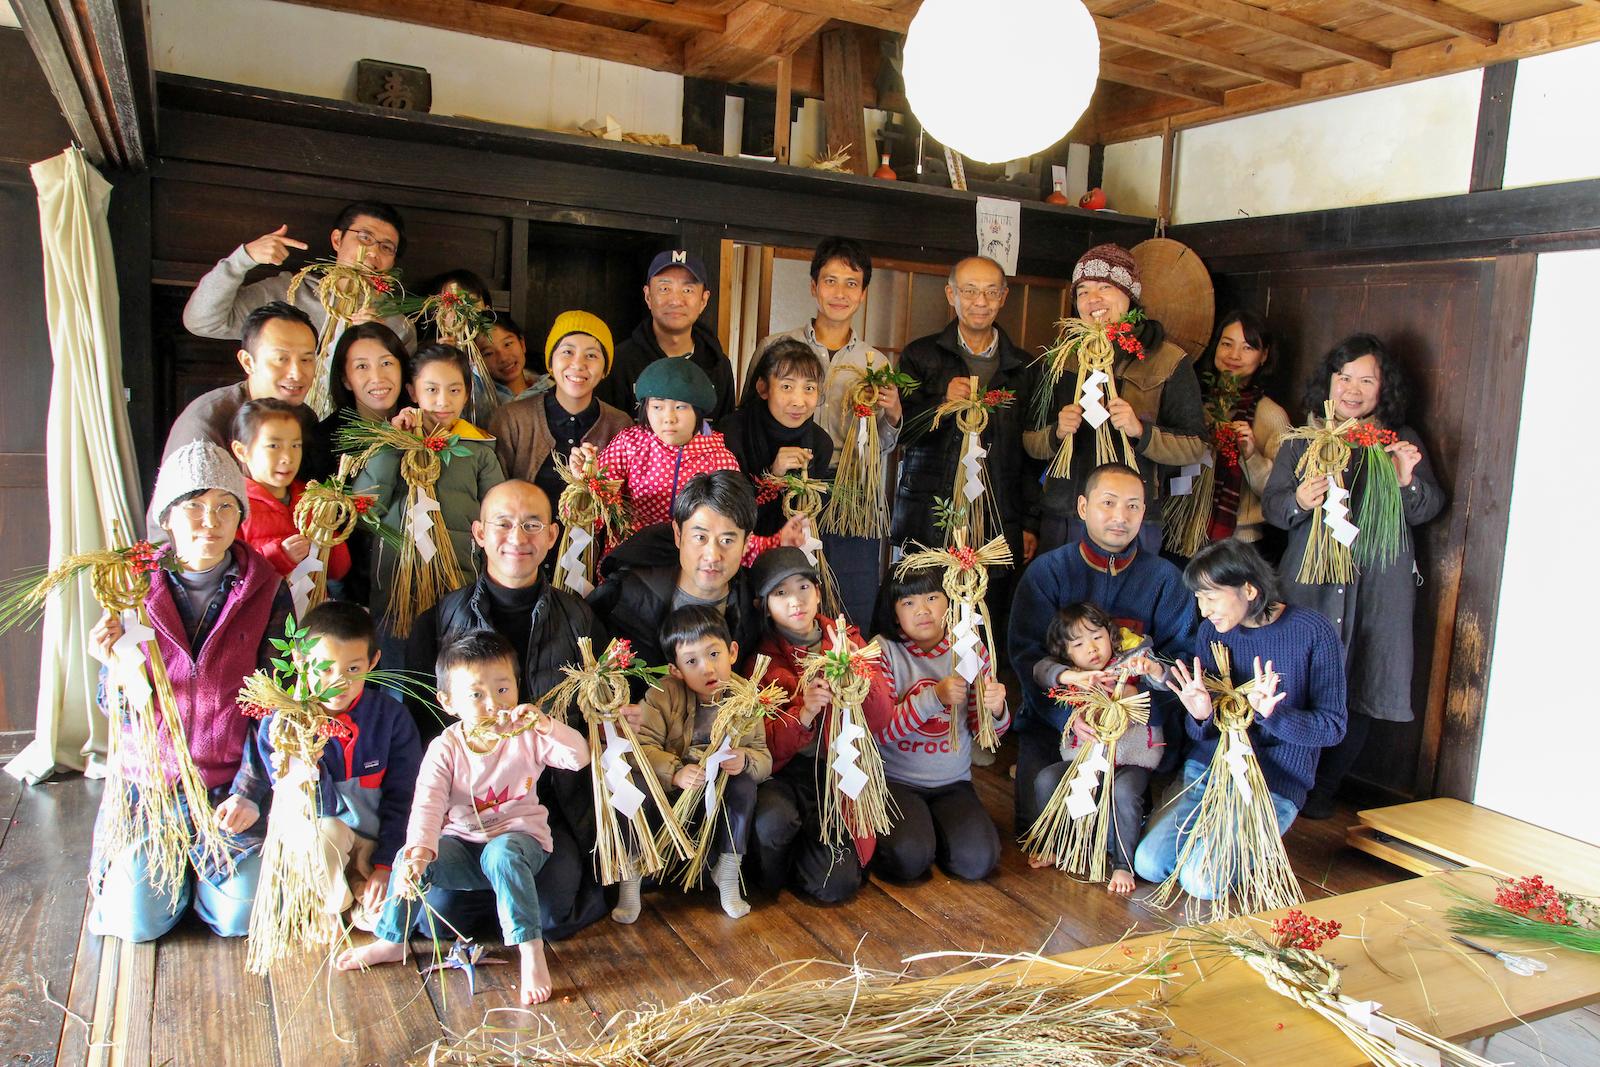 見事美しく仕上がった自作のしめ縄飾り。里山と自身の暮らしの繋がりを想う